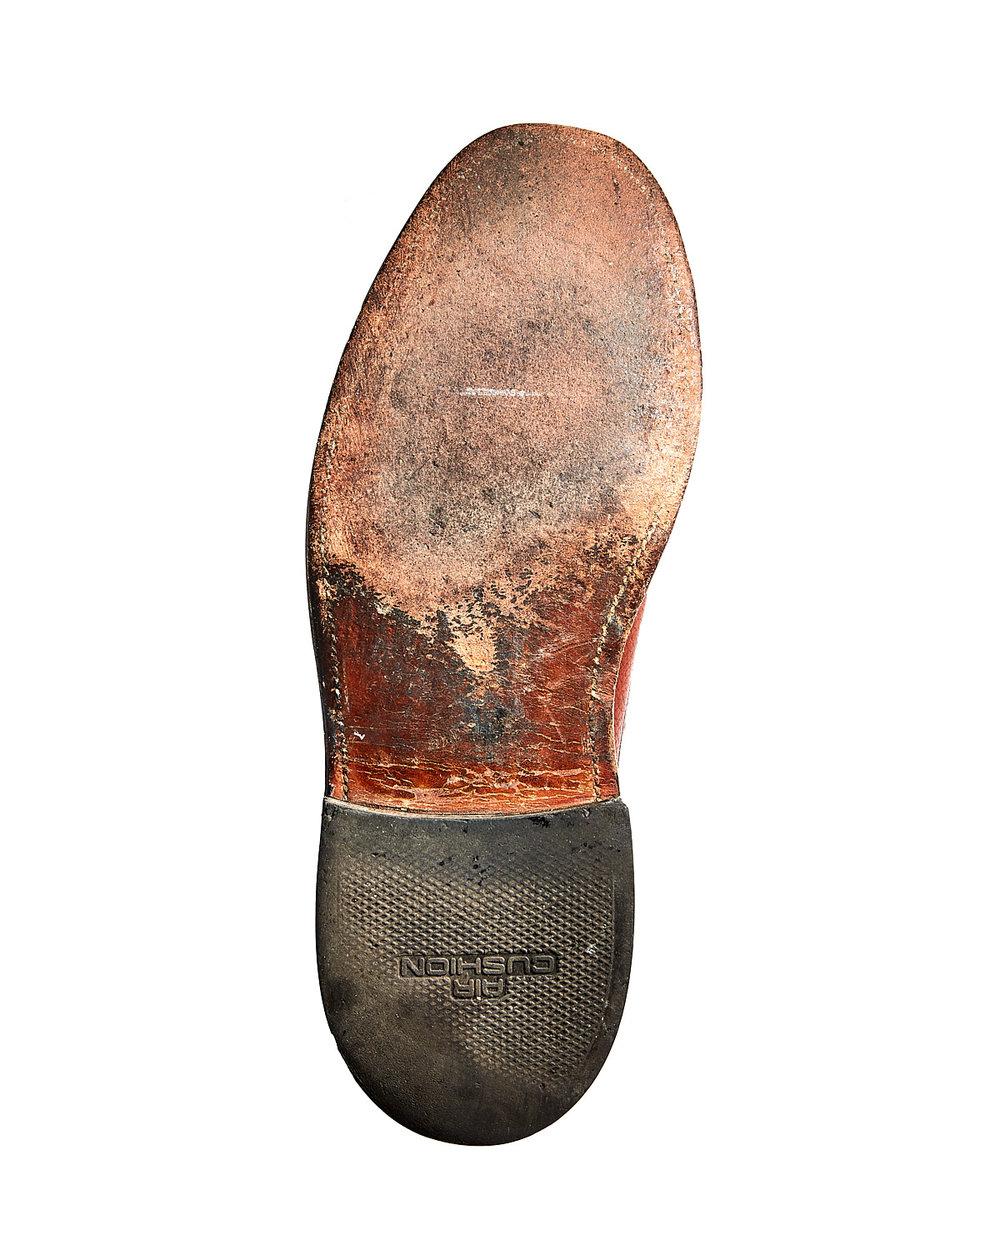 SOLES_LEATHER_FANCY_18531.jpg